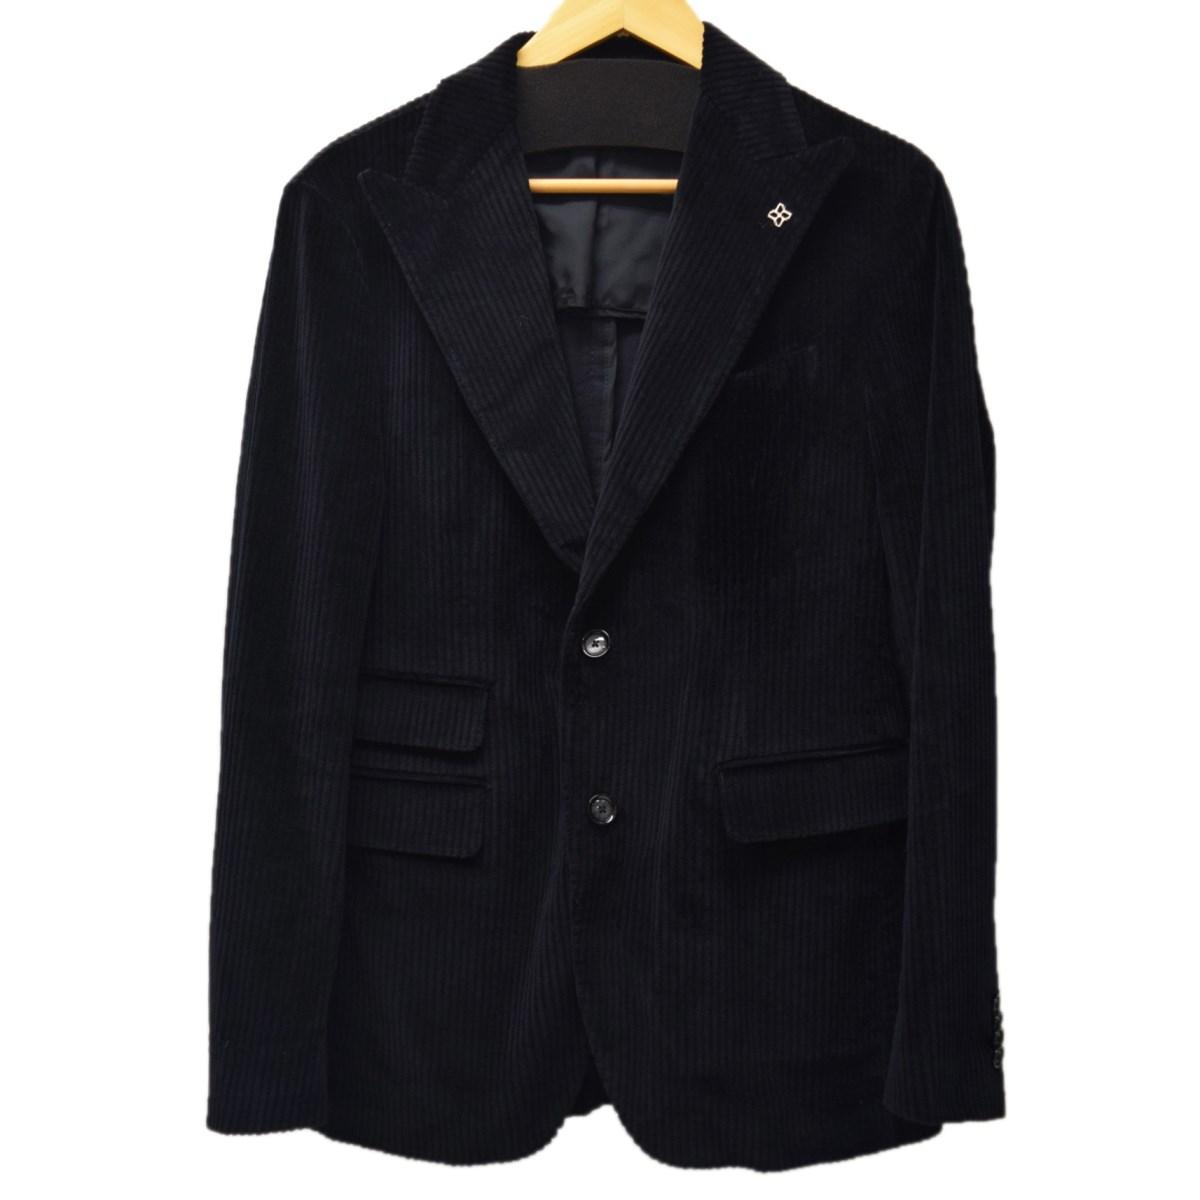 【中古】TAGLIATORE xBEAMS ピークドコーデュロイジャケット ブラック サイズ:46 【180120】(タリアトーレ)